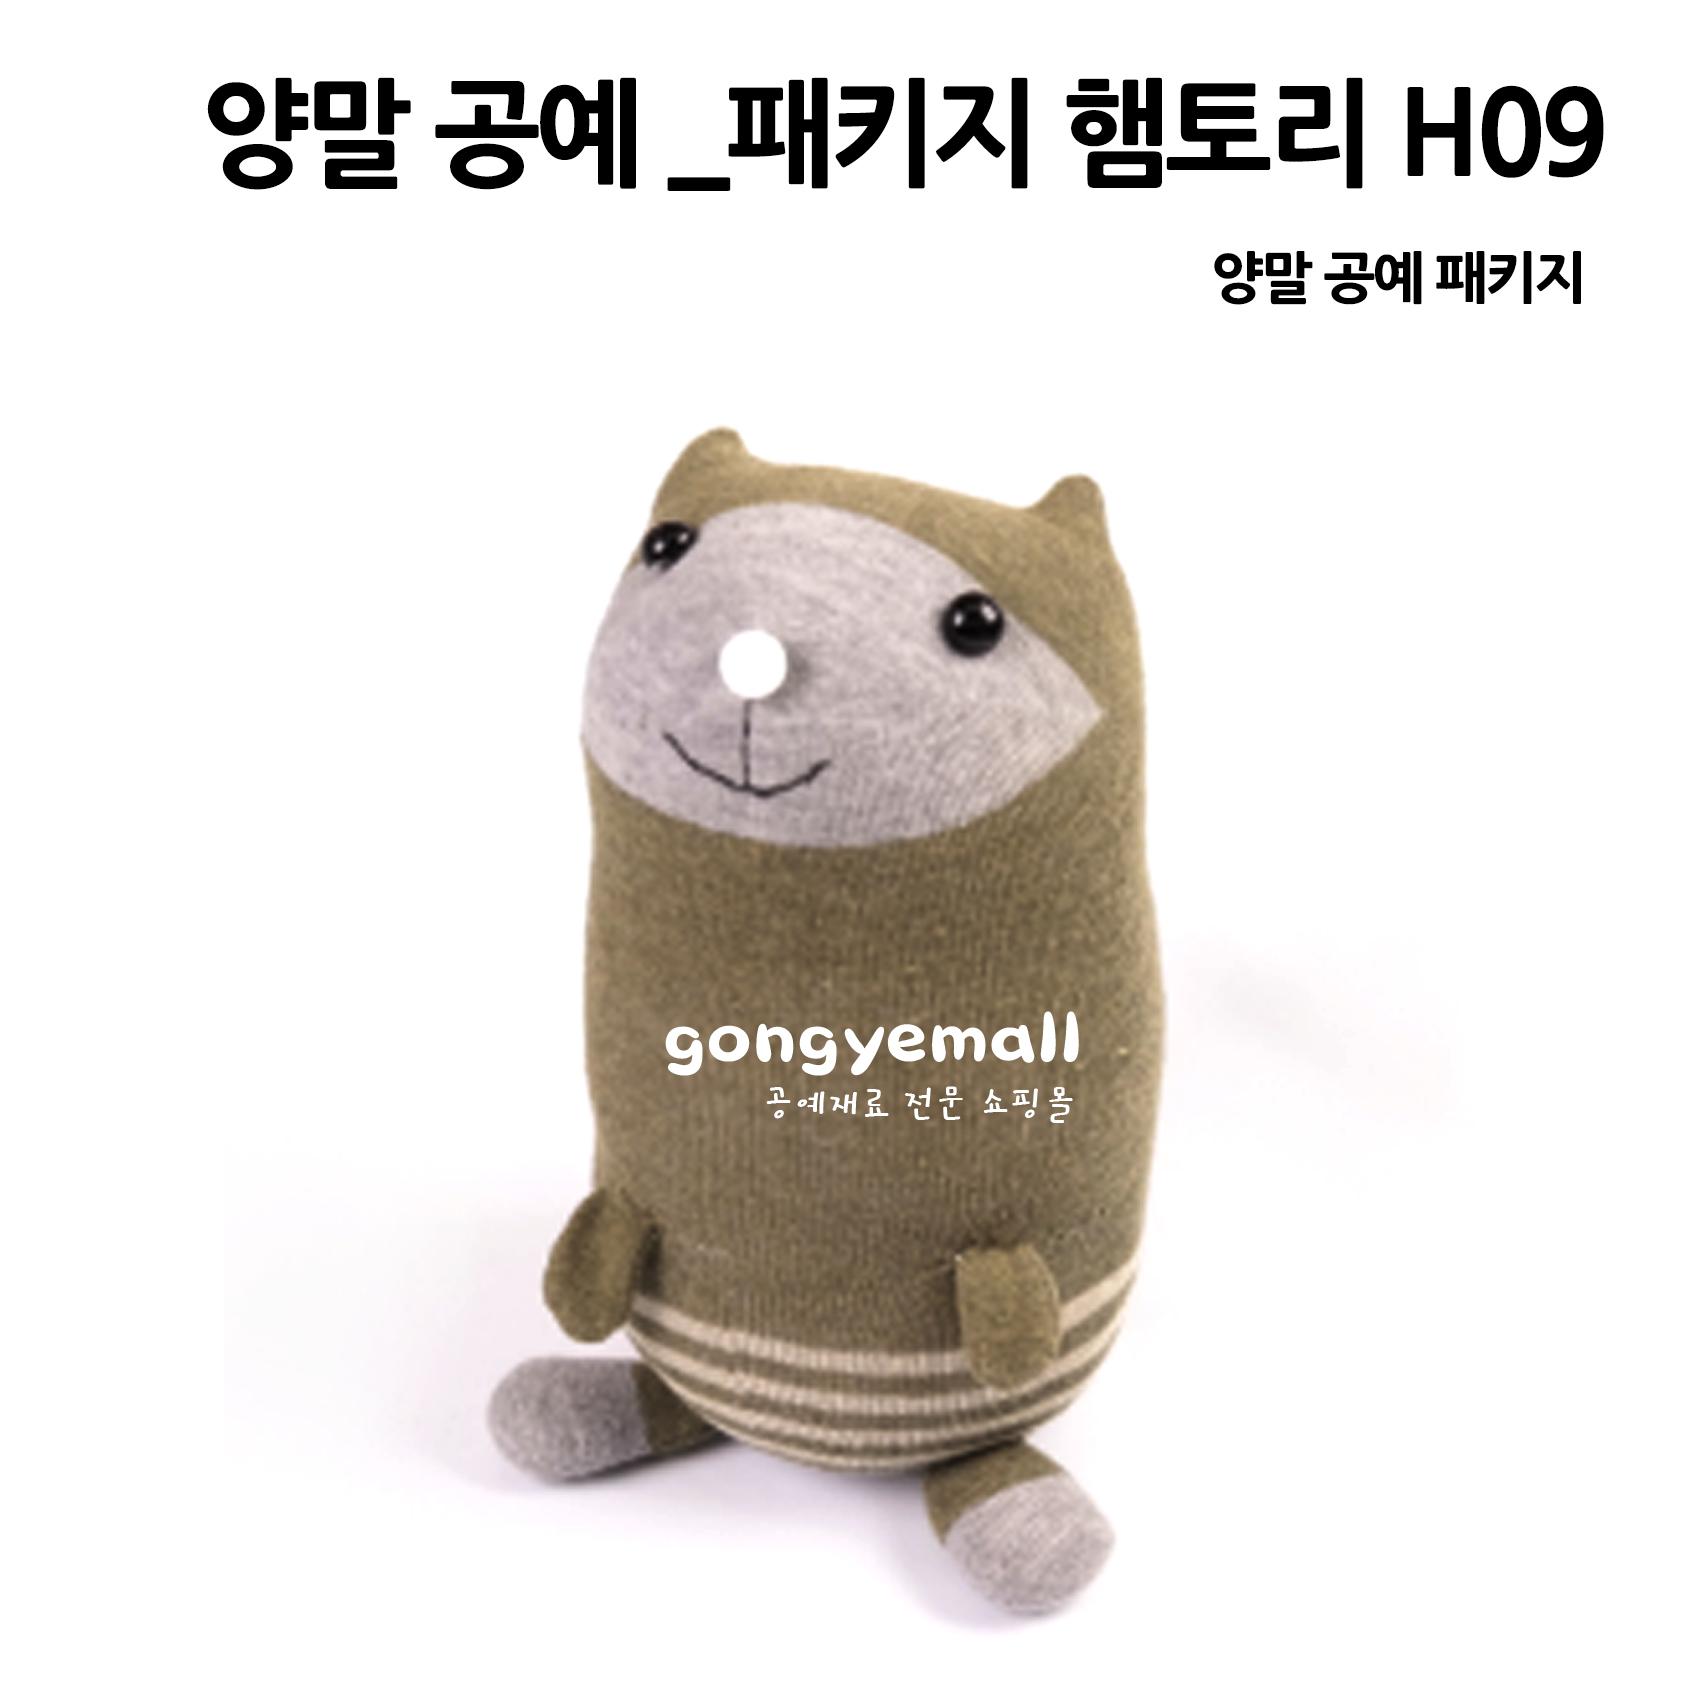 [양말공예]양말 DIY 패키지 햄토리 H09